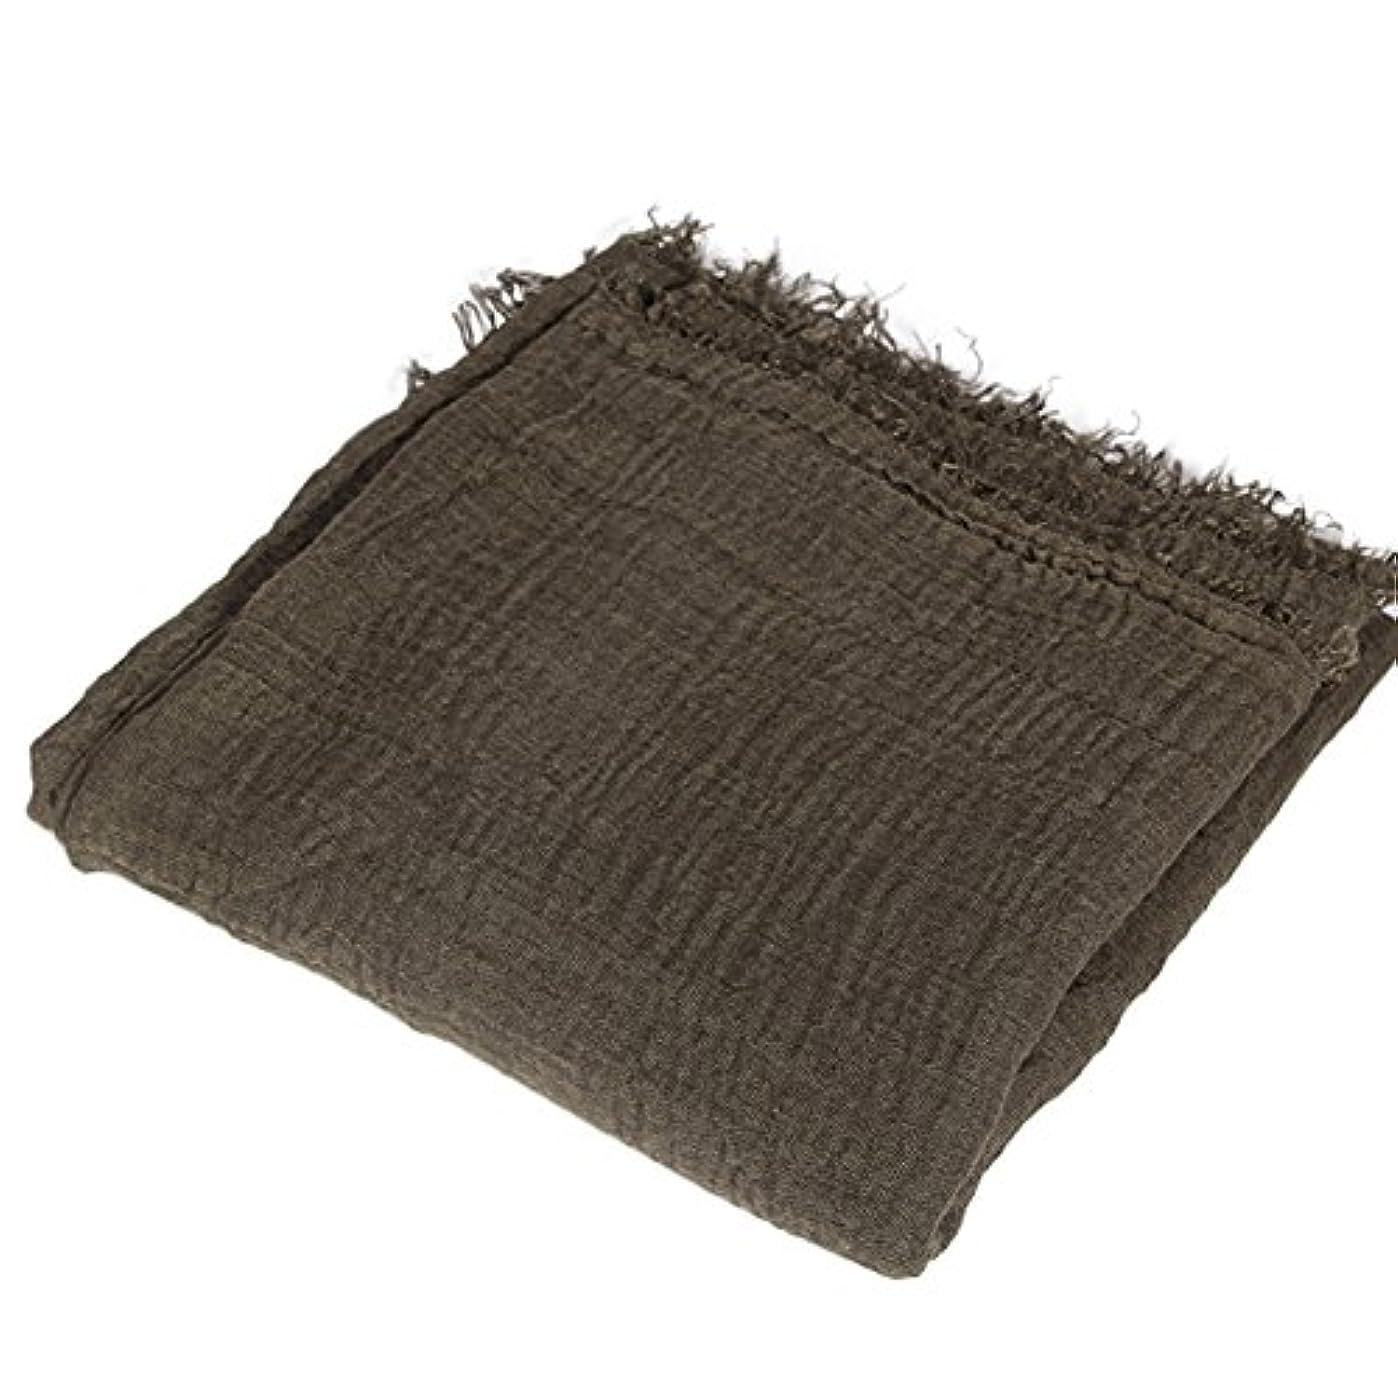 ネクタイアラブ人奇妙なLiebeye スカーフ レディース おしゃれ 暖かい 柔らかい 多色選択可能